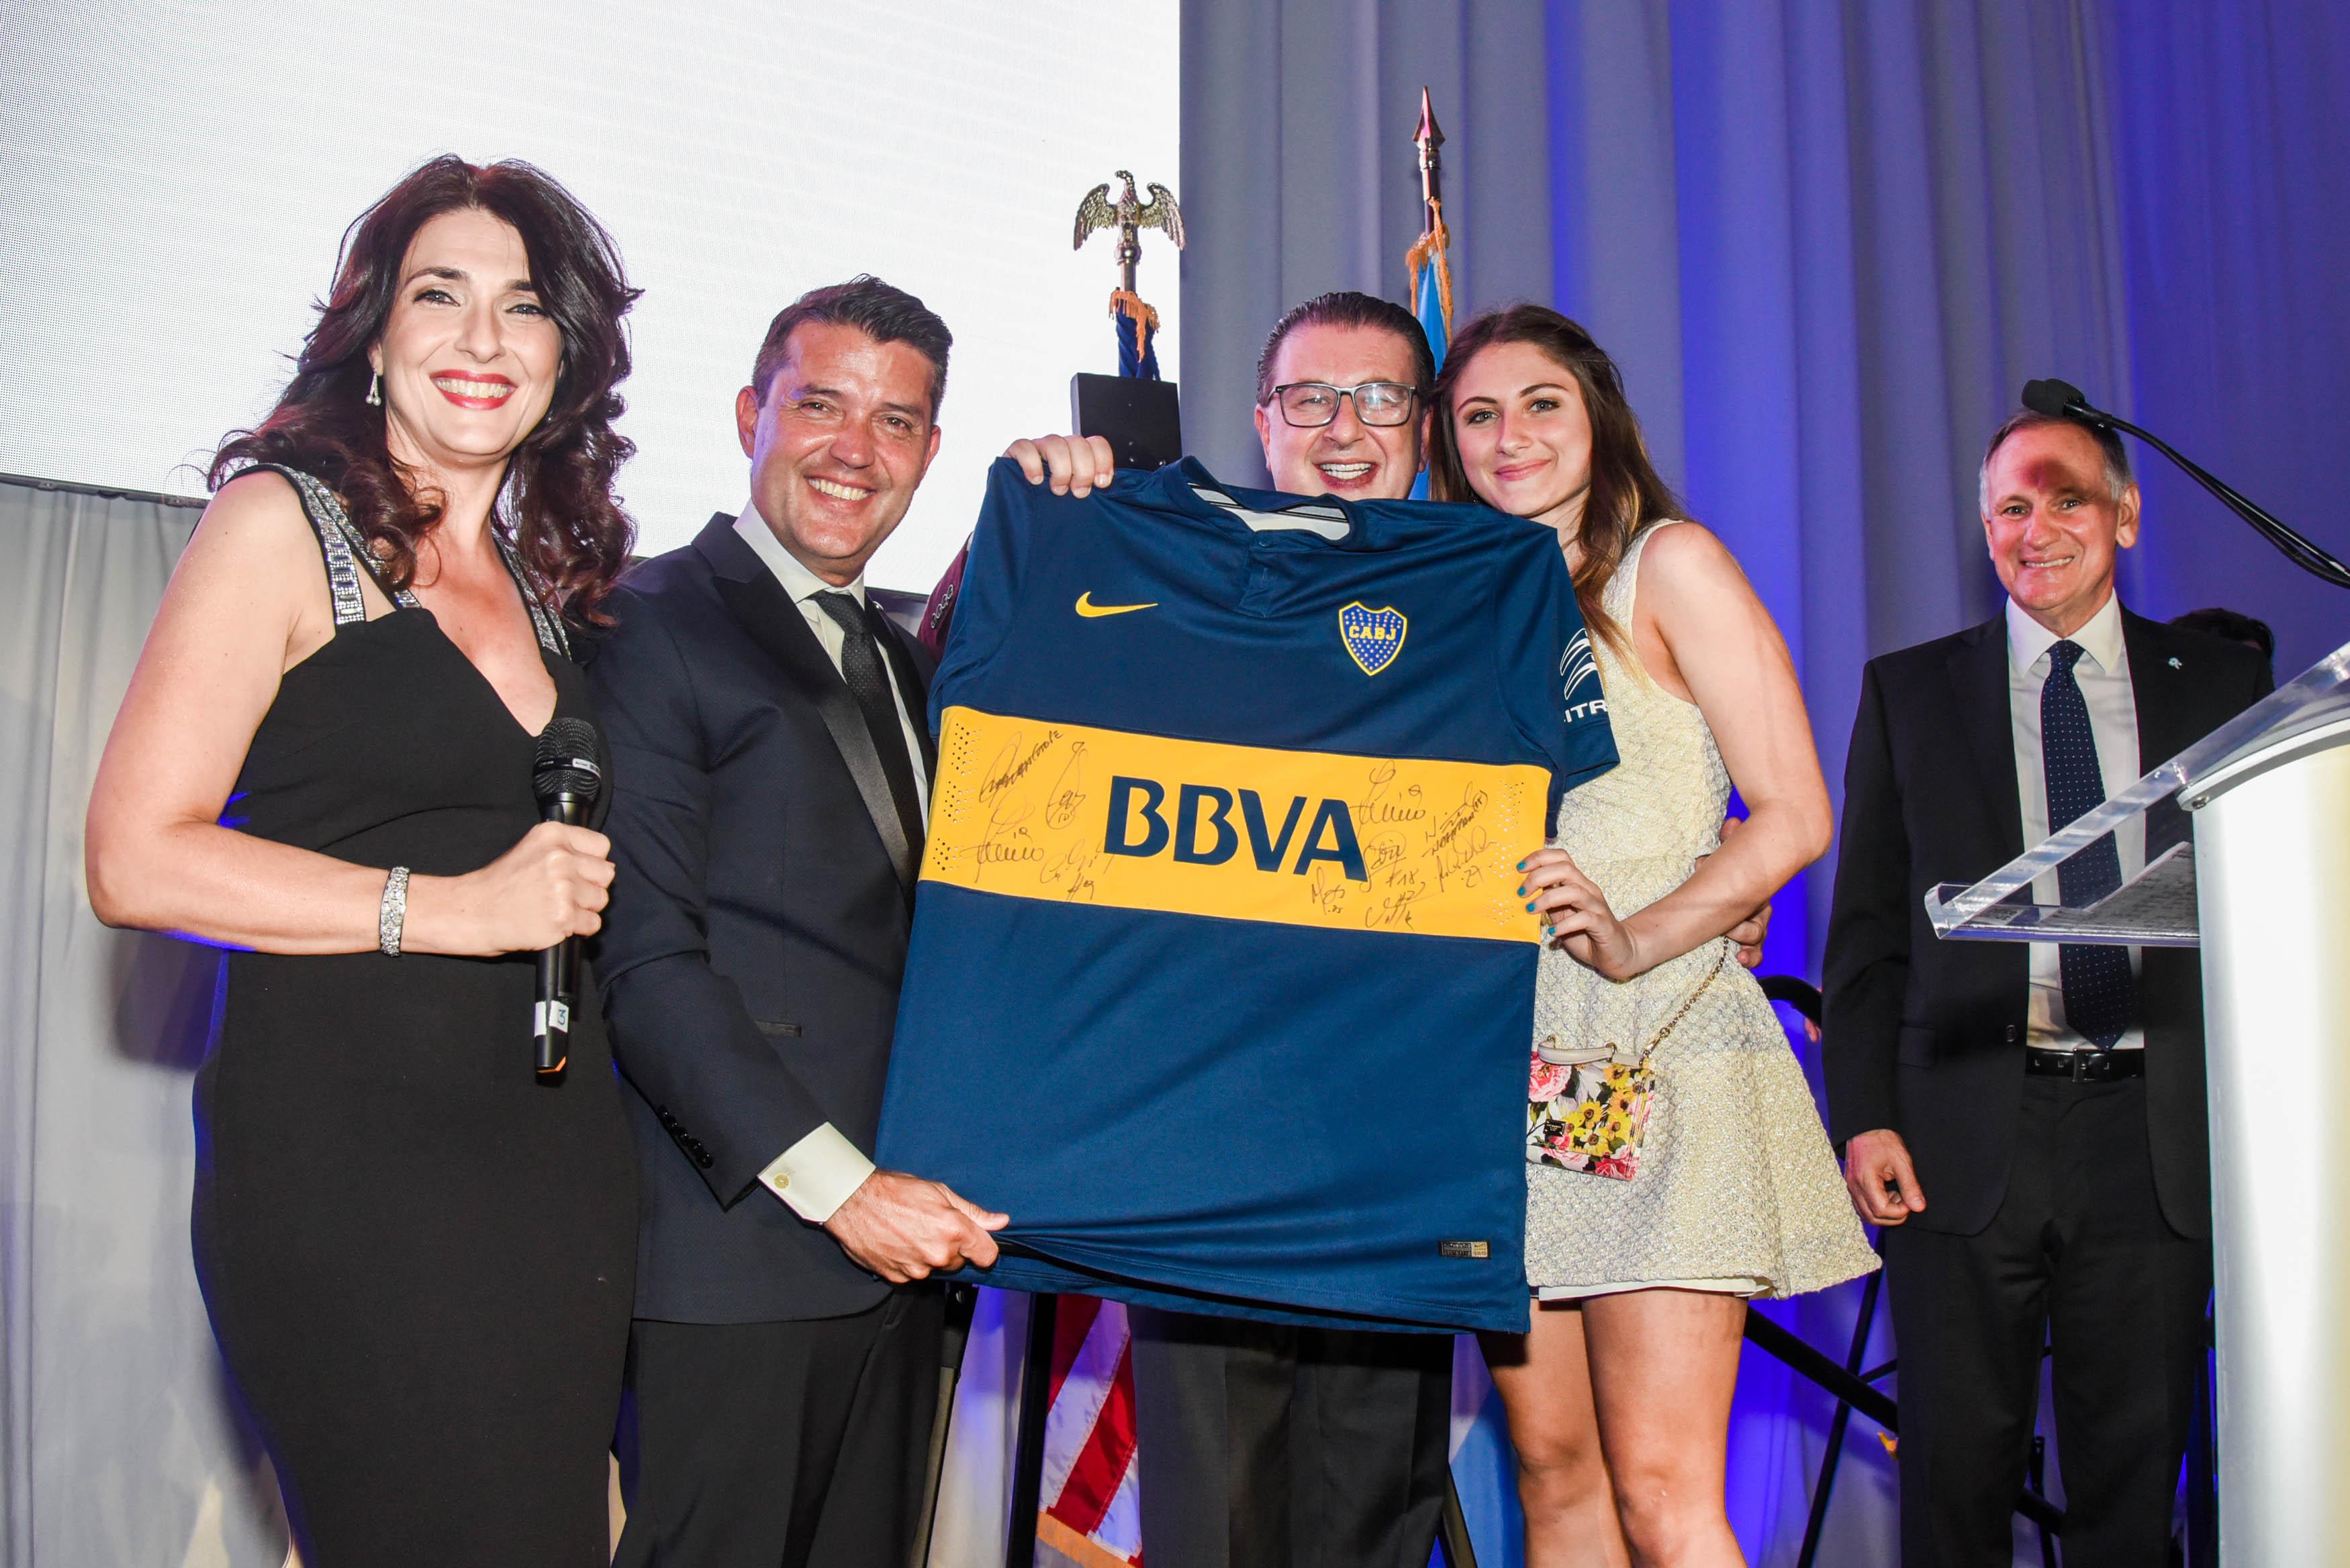 Fátima Slame, presentadora del evento, y Diego Molinari, Vicepresidente 1ro. De la AACC, entregan la camiseta del CABJ a Sergio Codino y su hija